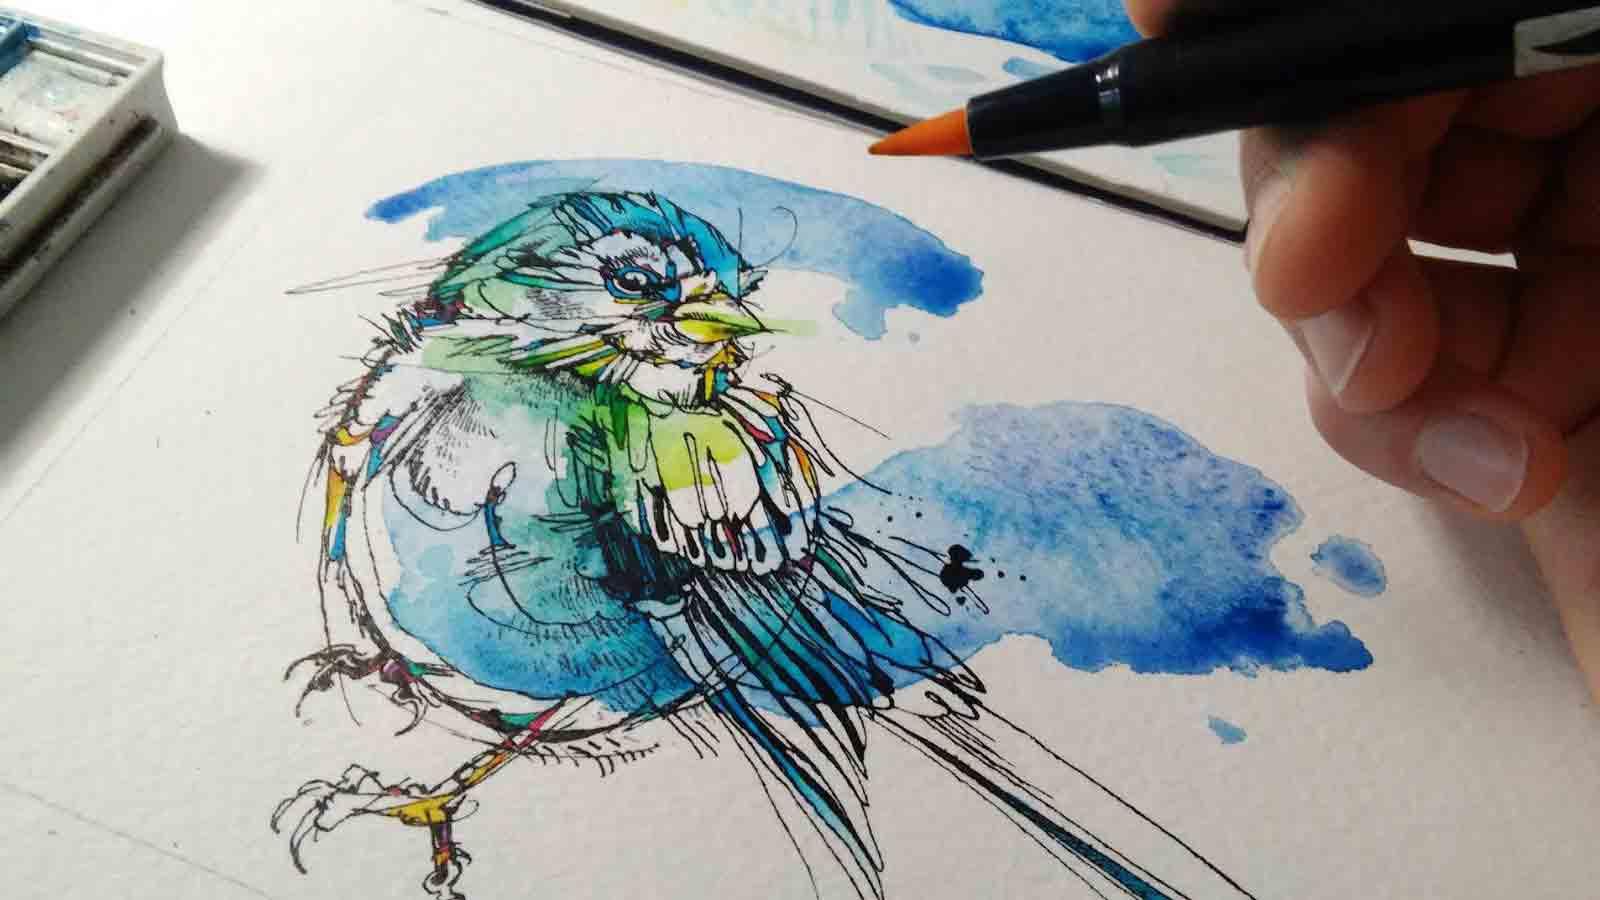 In-progress illustration of a bird